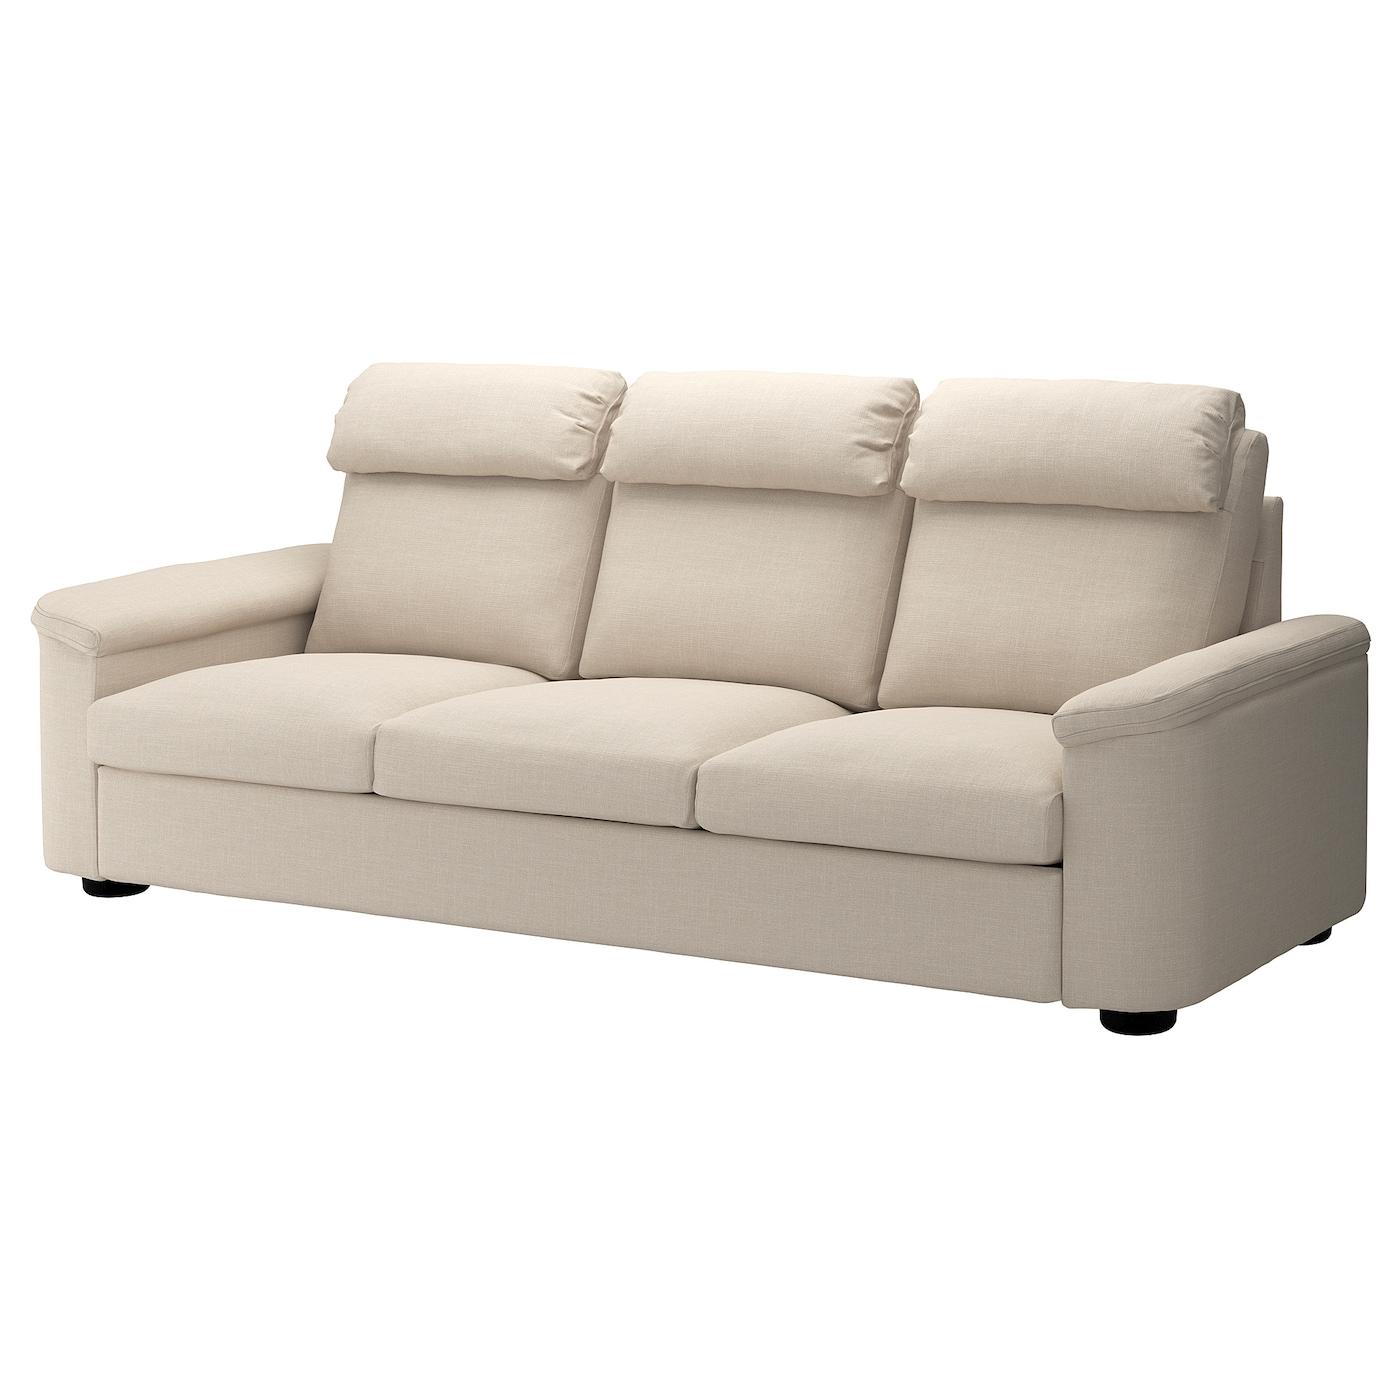 Canapés En Tissu Ikea